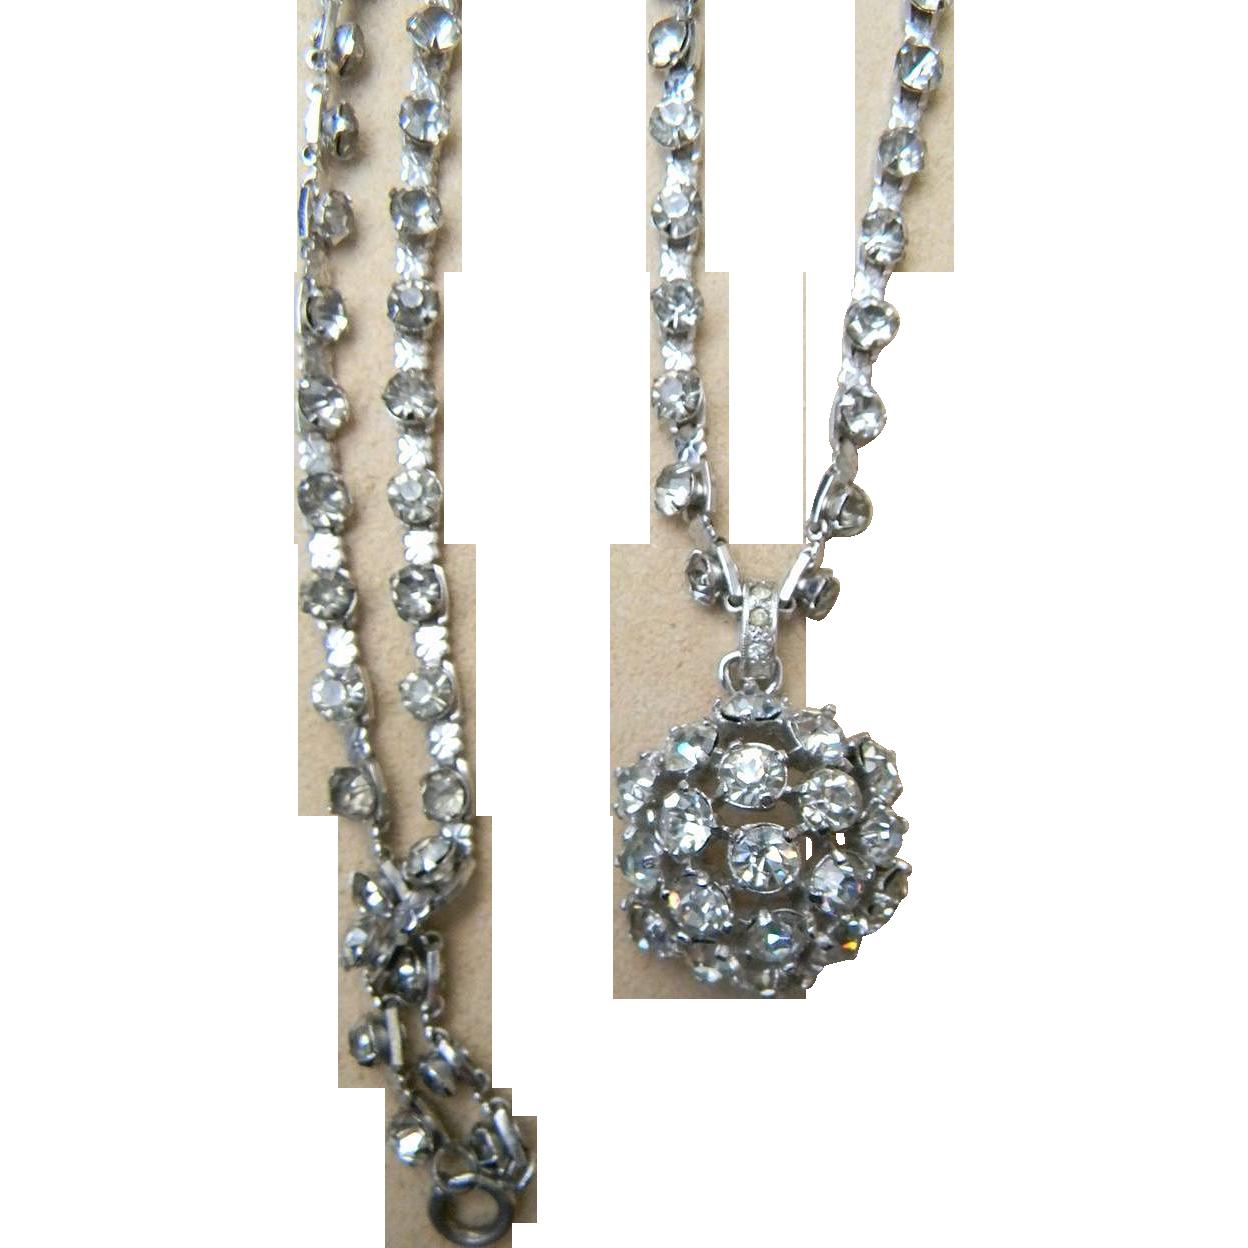 EISENBERG- signed sterling pendant necklace